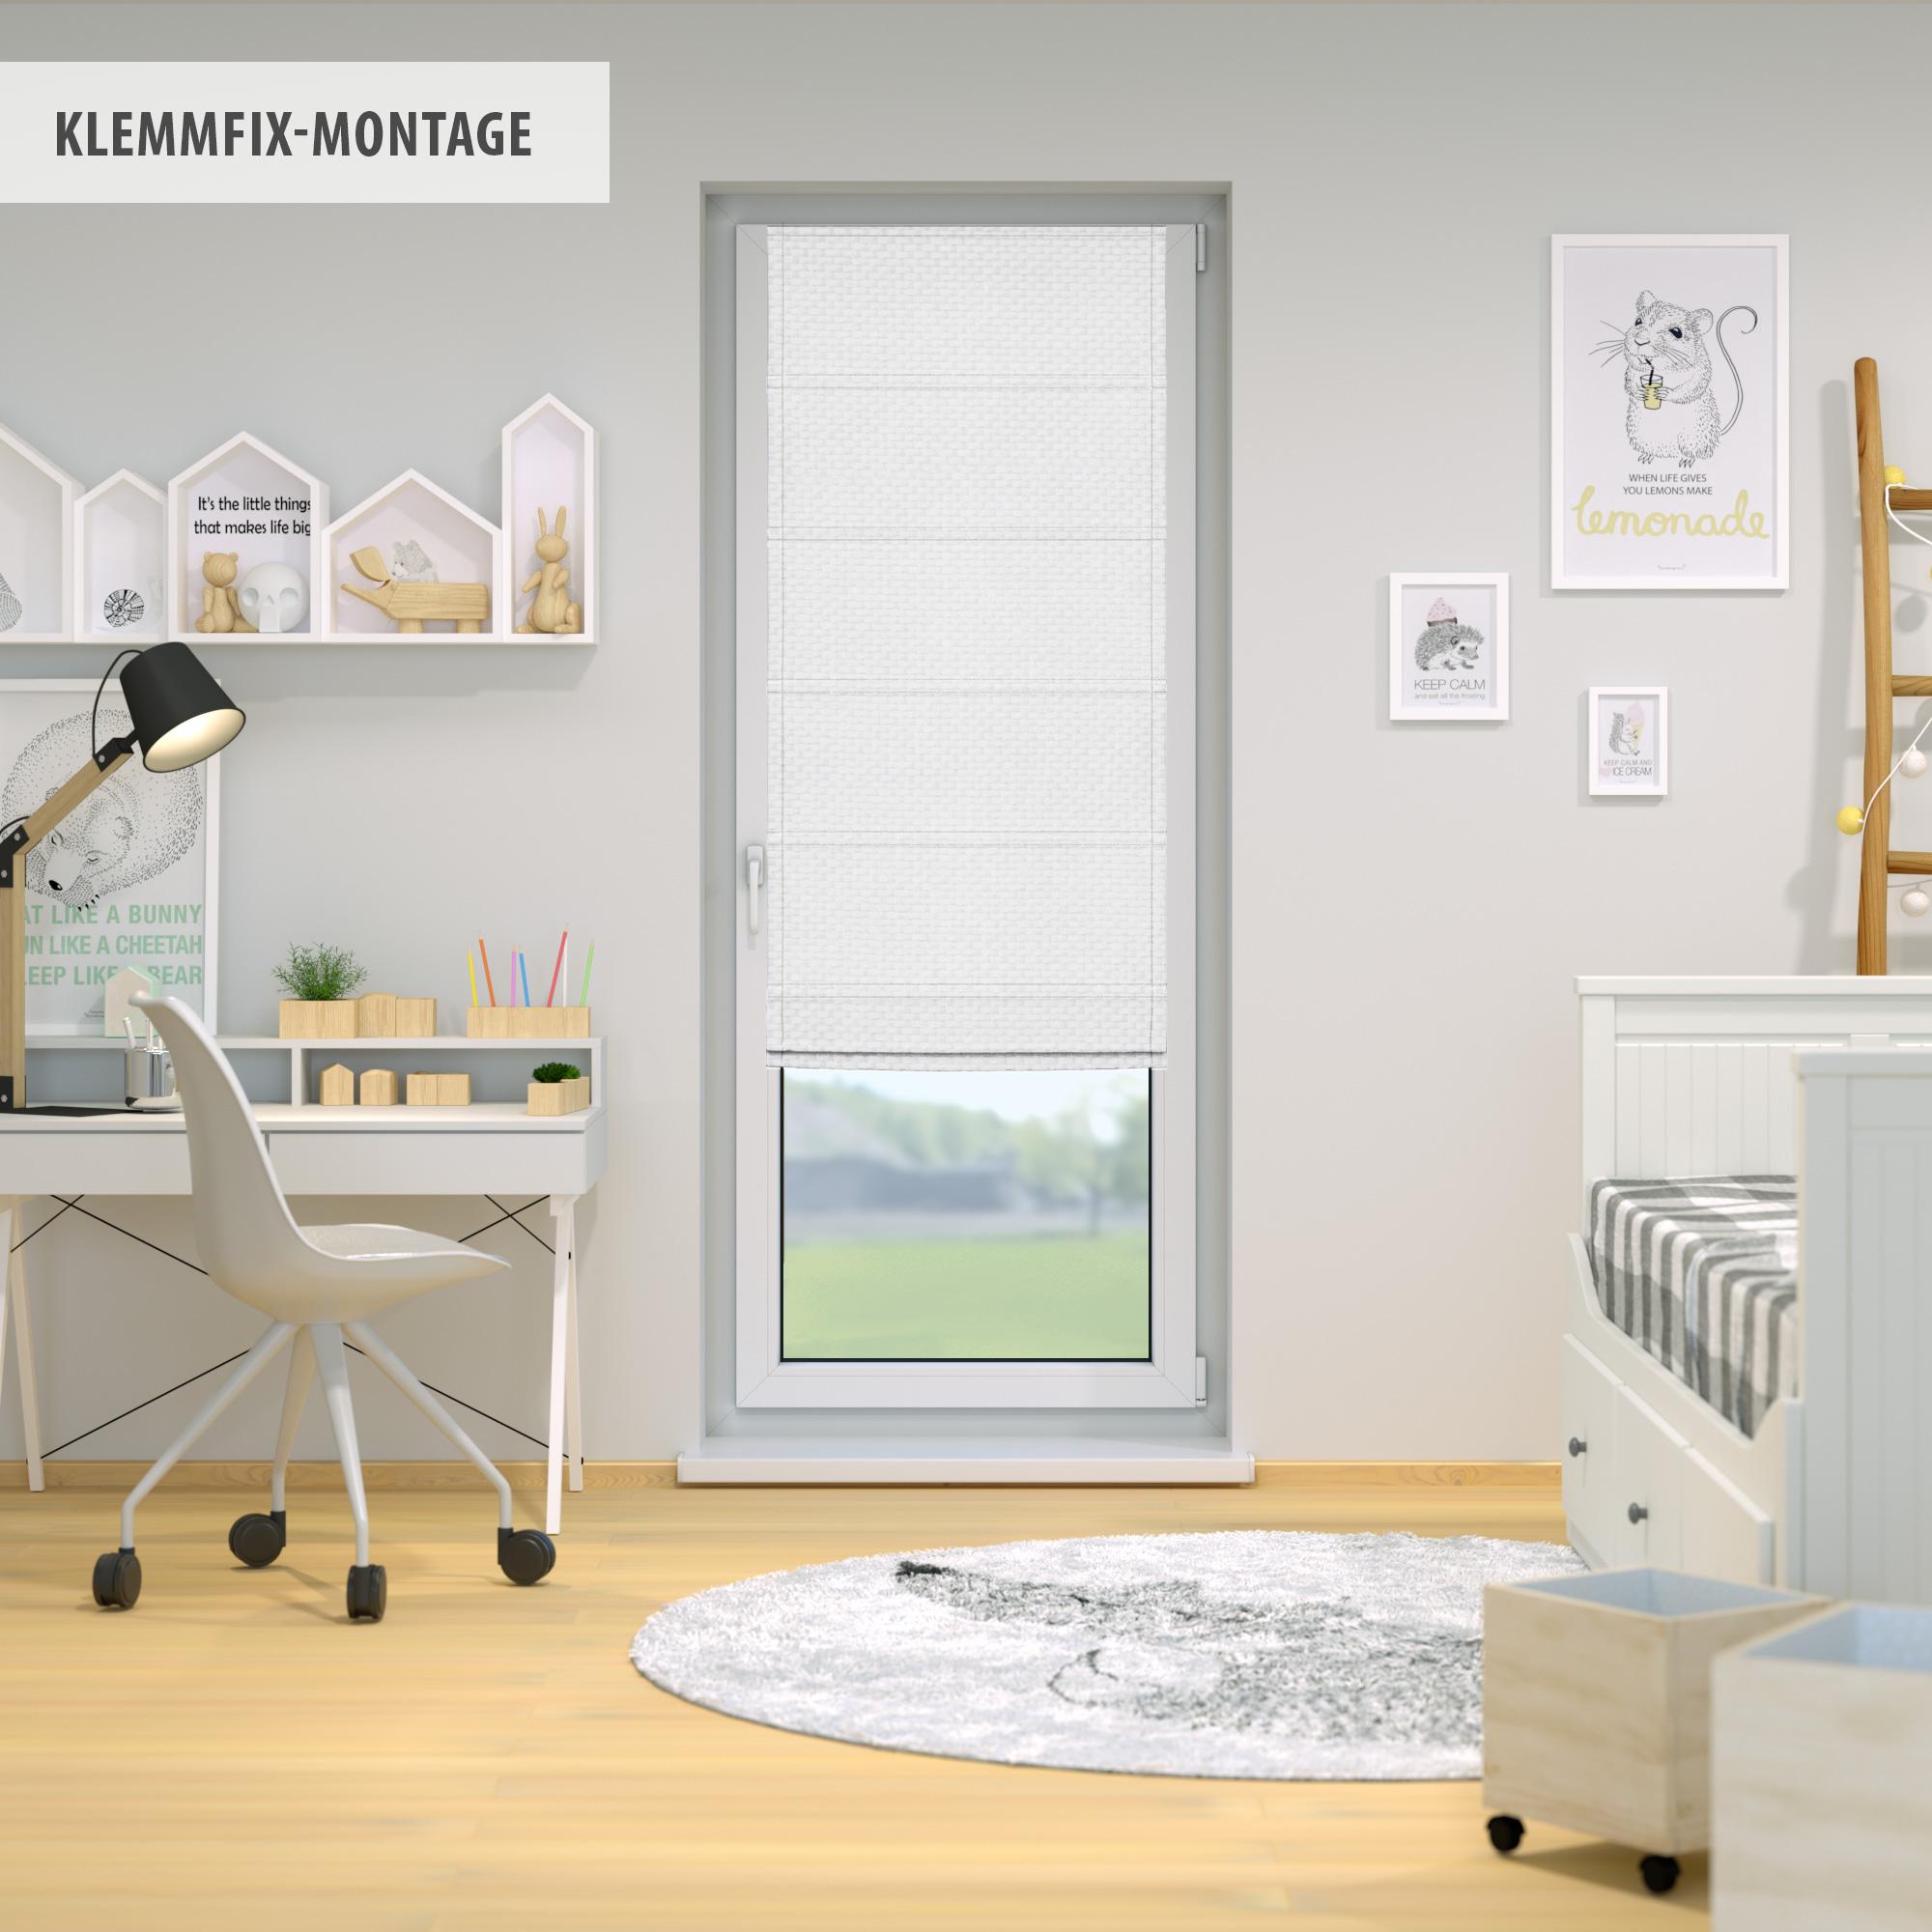 Raffrollo-Faltrollo-Klemmfix-ohne-Bohren-Fenster-Raffgardine-Gardine-VICTORIA-M Indexbild 29